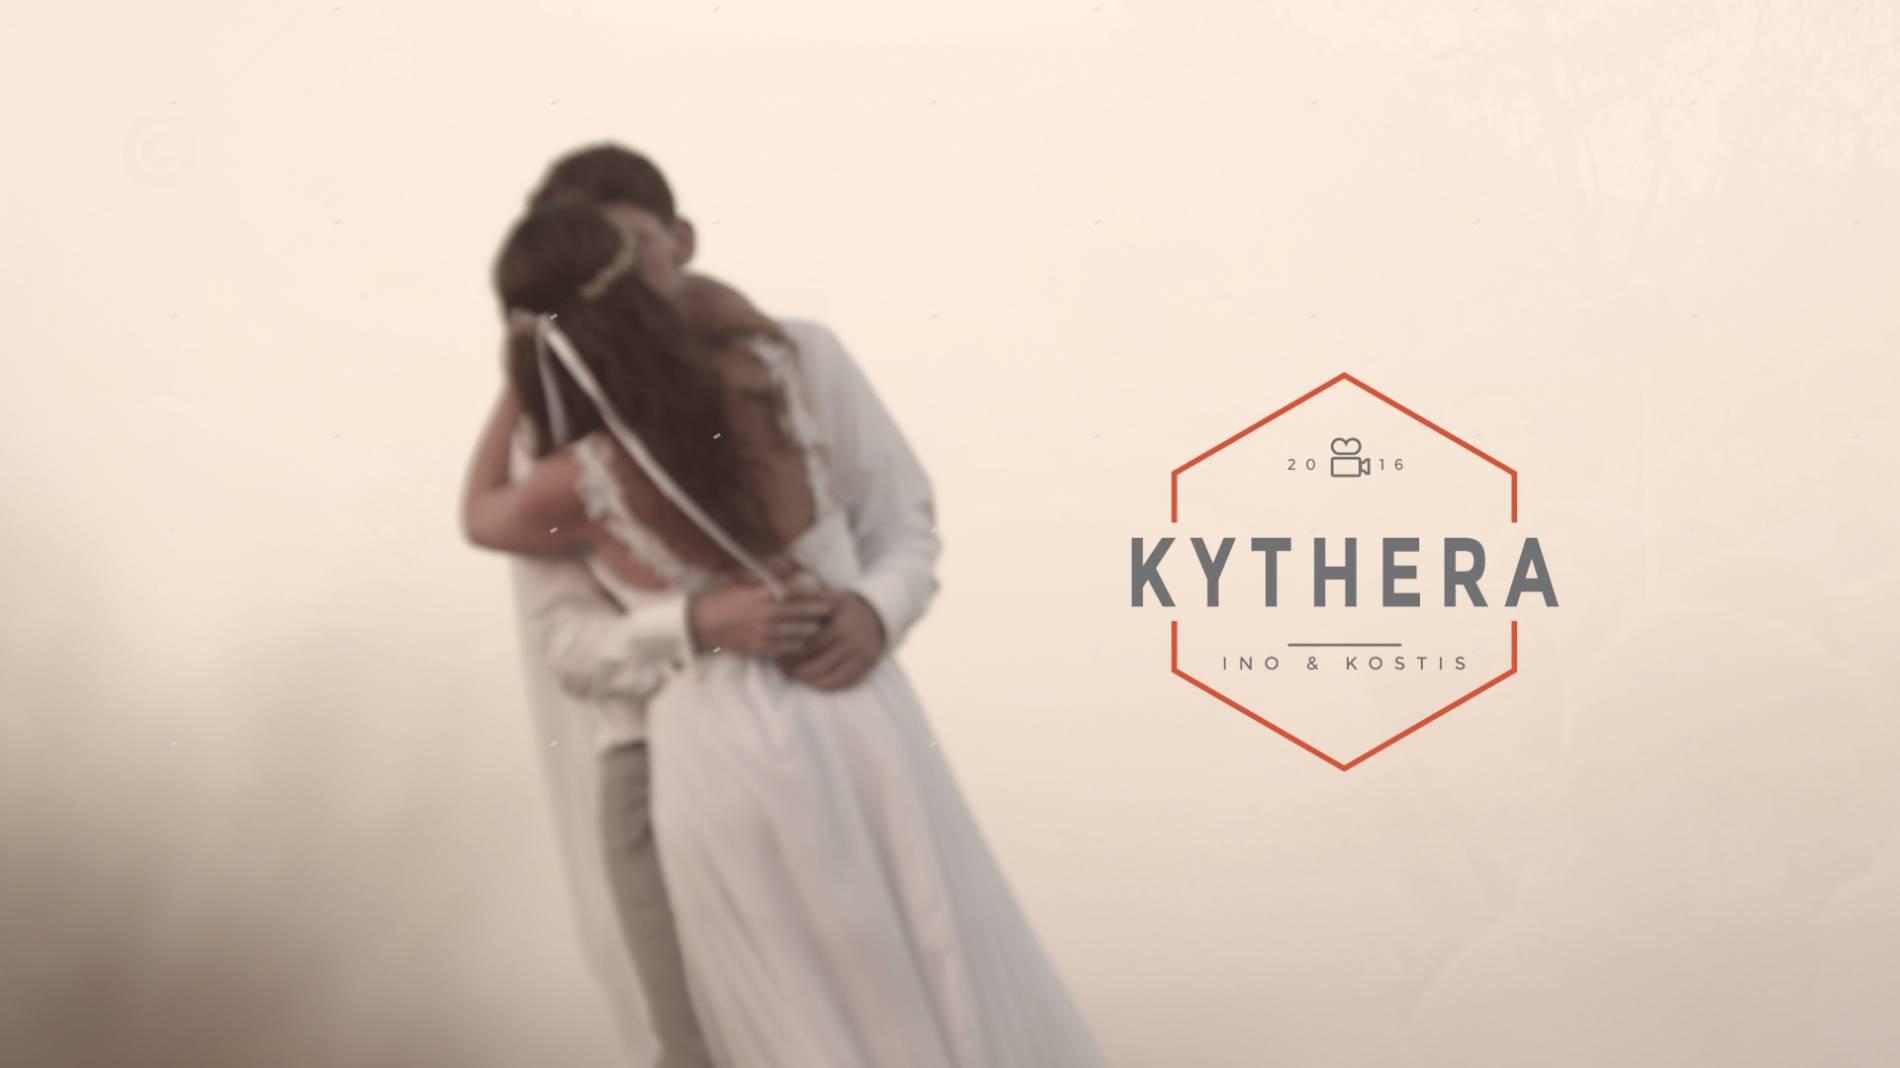 κινηματογράφηση γάμου στα Κύθηρα | wedding cinematography trailer